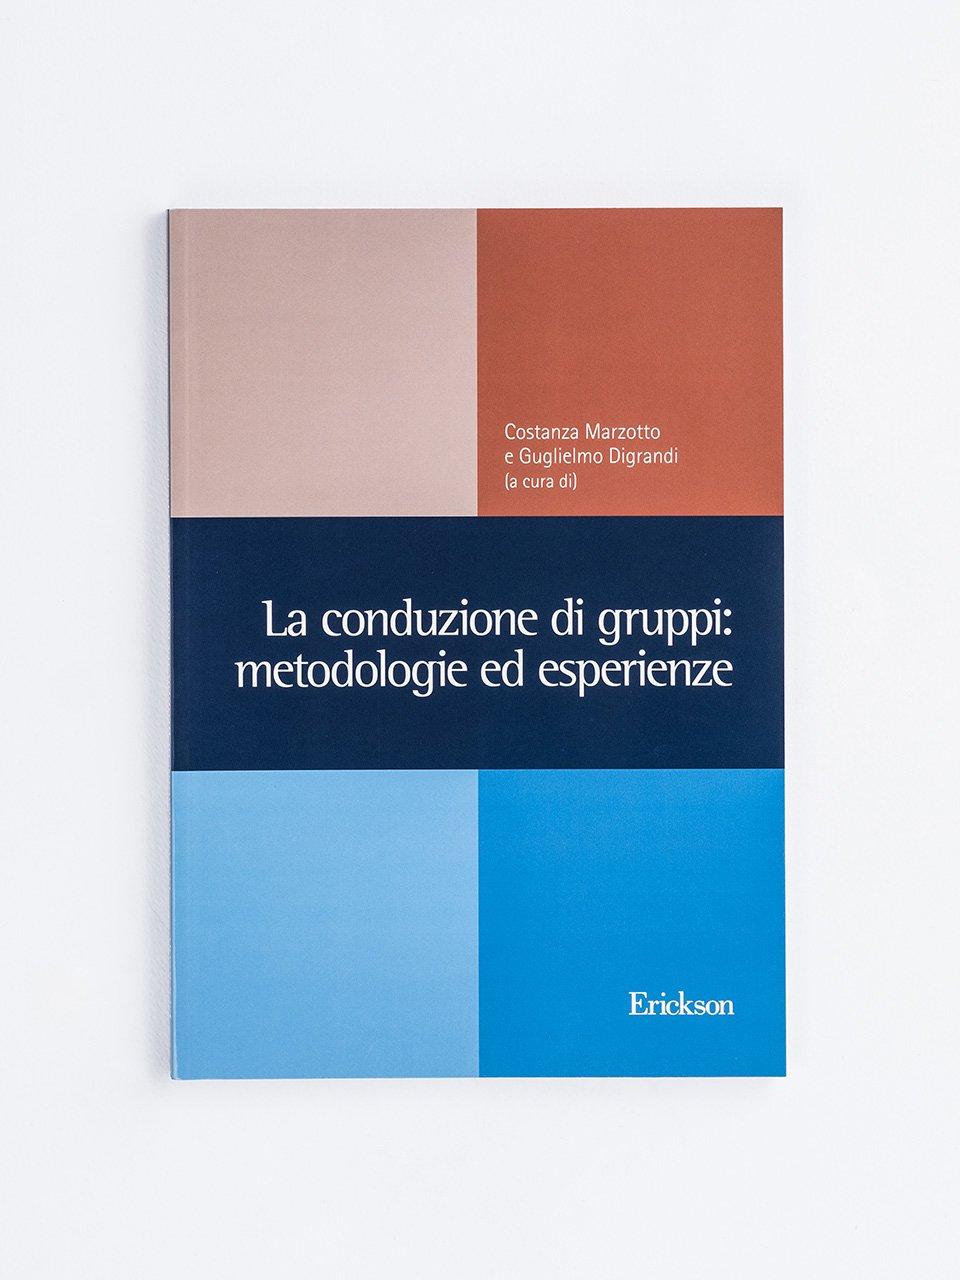 La conduzione di gruppi: metodologie ed esperienze - Terapista Occupazionale - Erickson